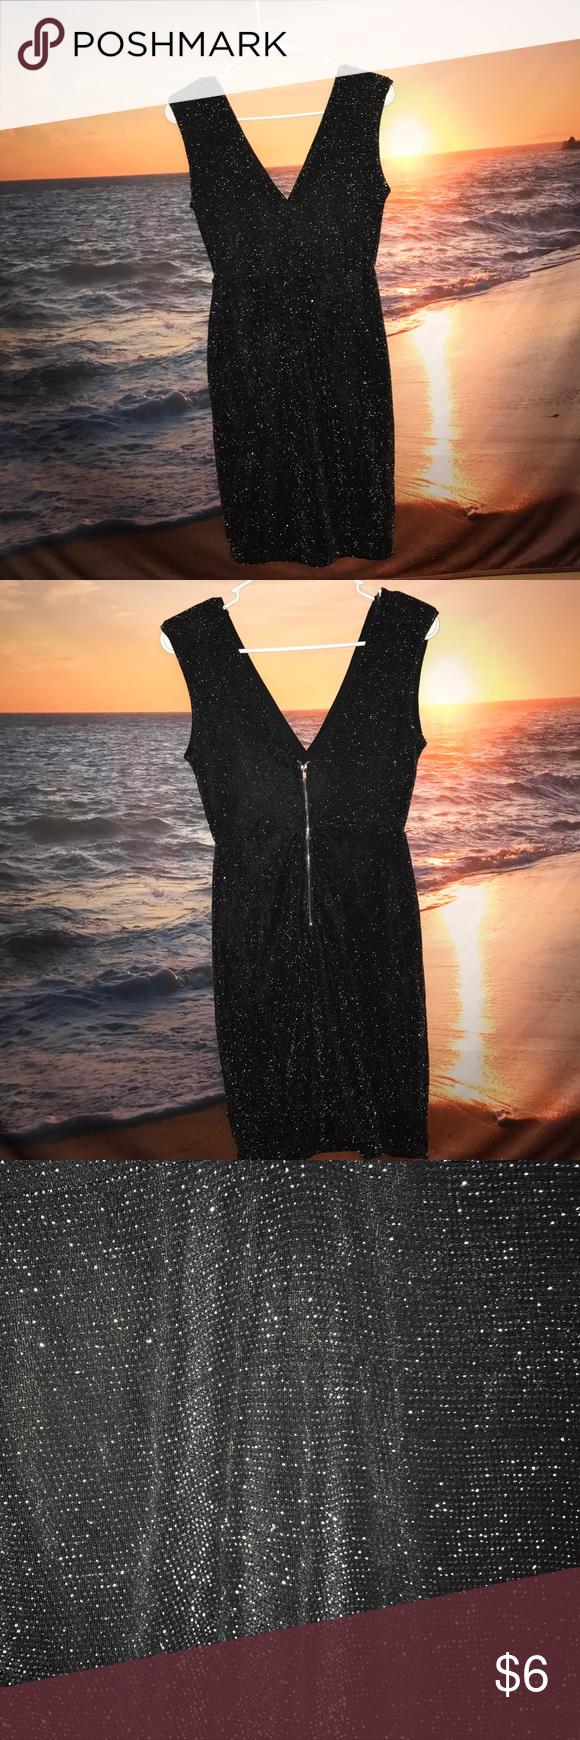 Forever tight v neck sparkly black dress forever tight black v